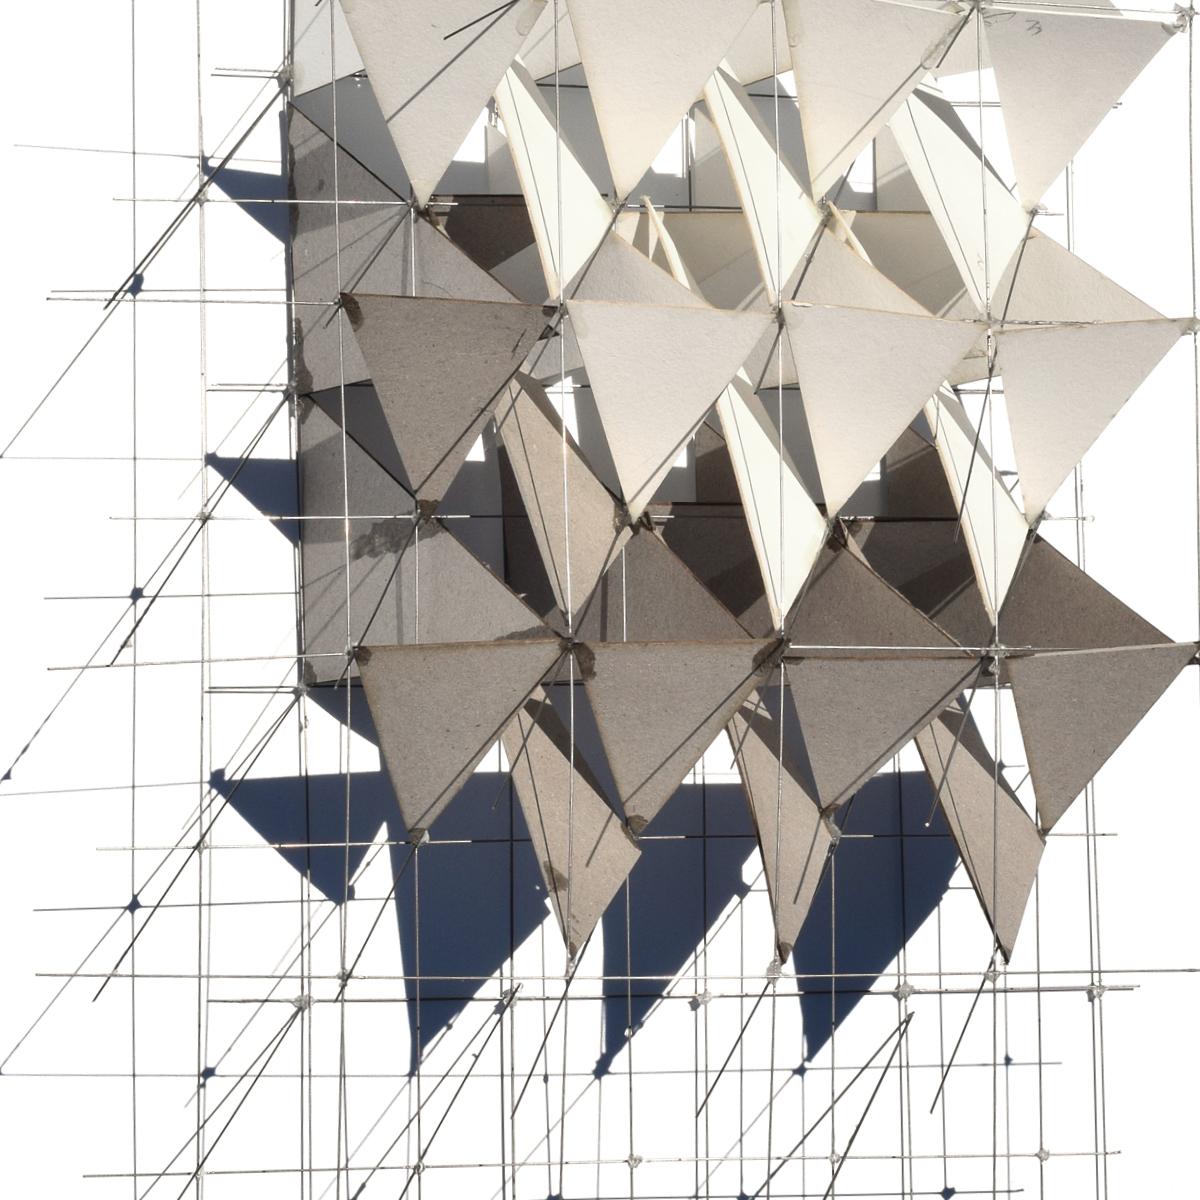 web images - spectroplexus3.jpg